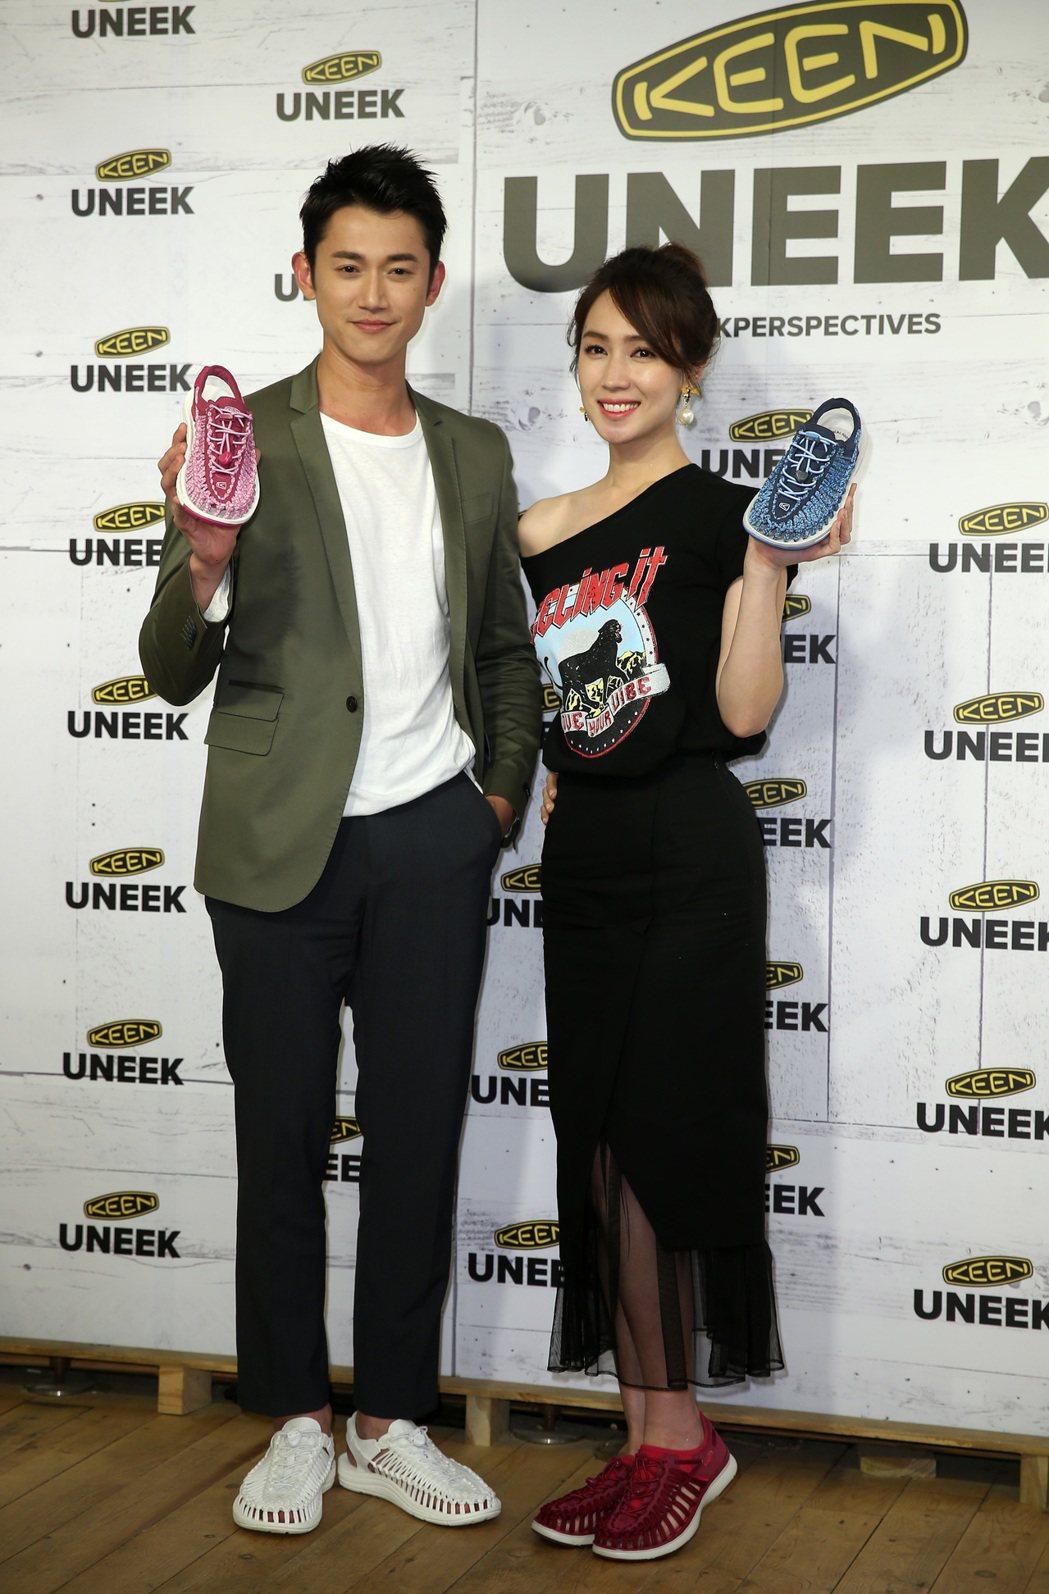 吳慷仁與小薰(黃瀞怡)為戶外品牌機能涼鞋代言。記者曾吉松/攝影